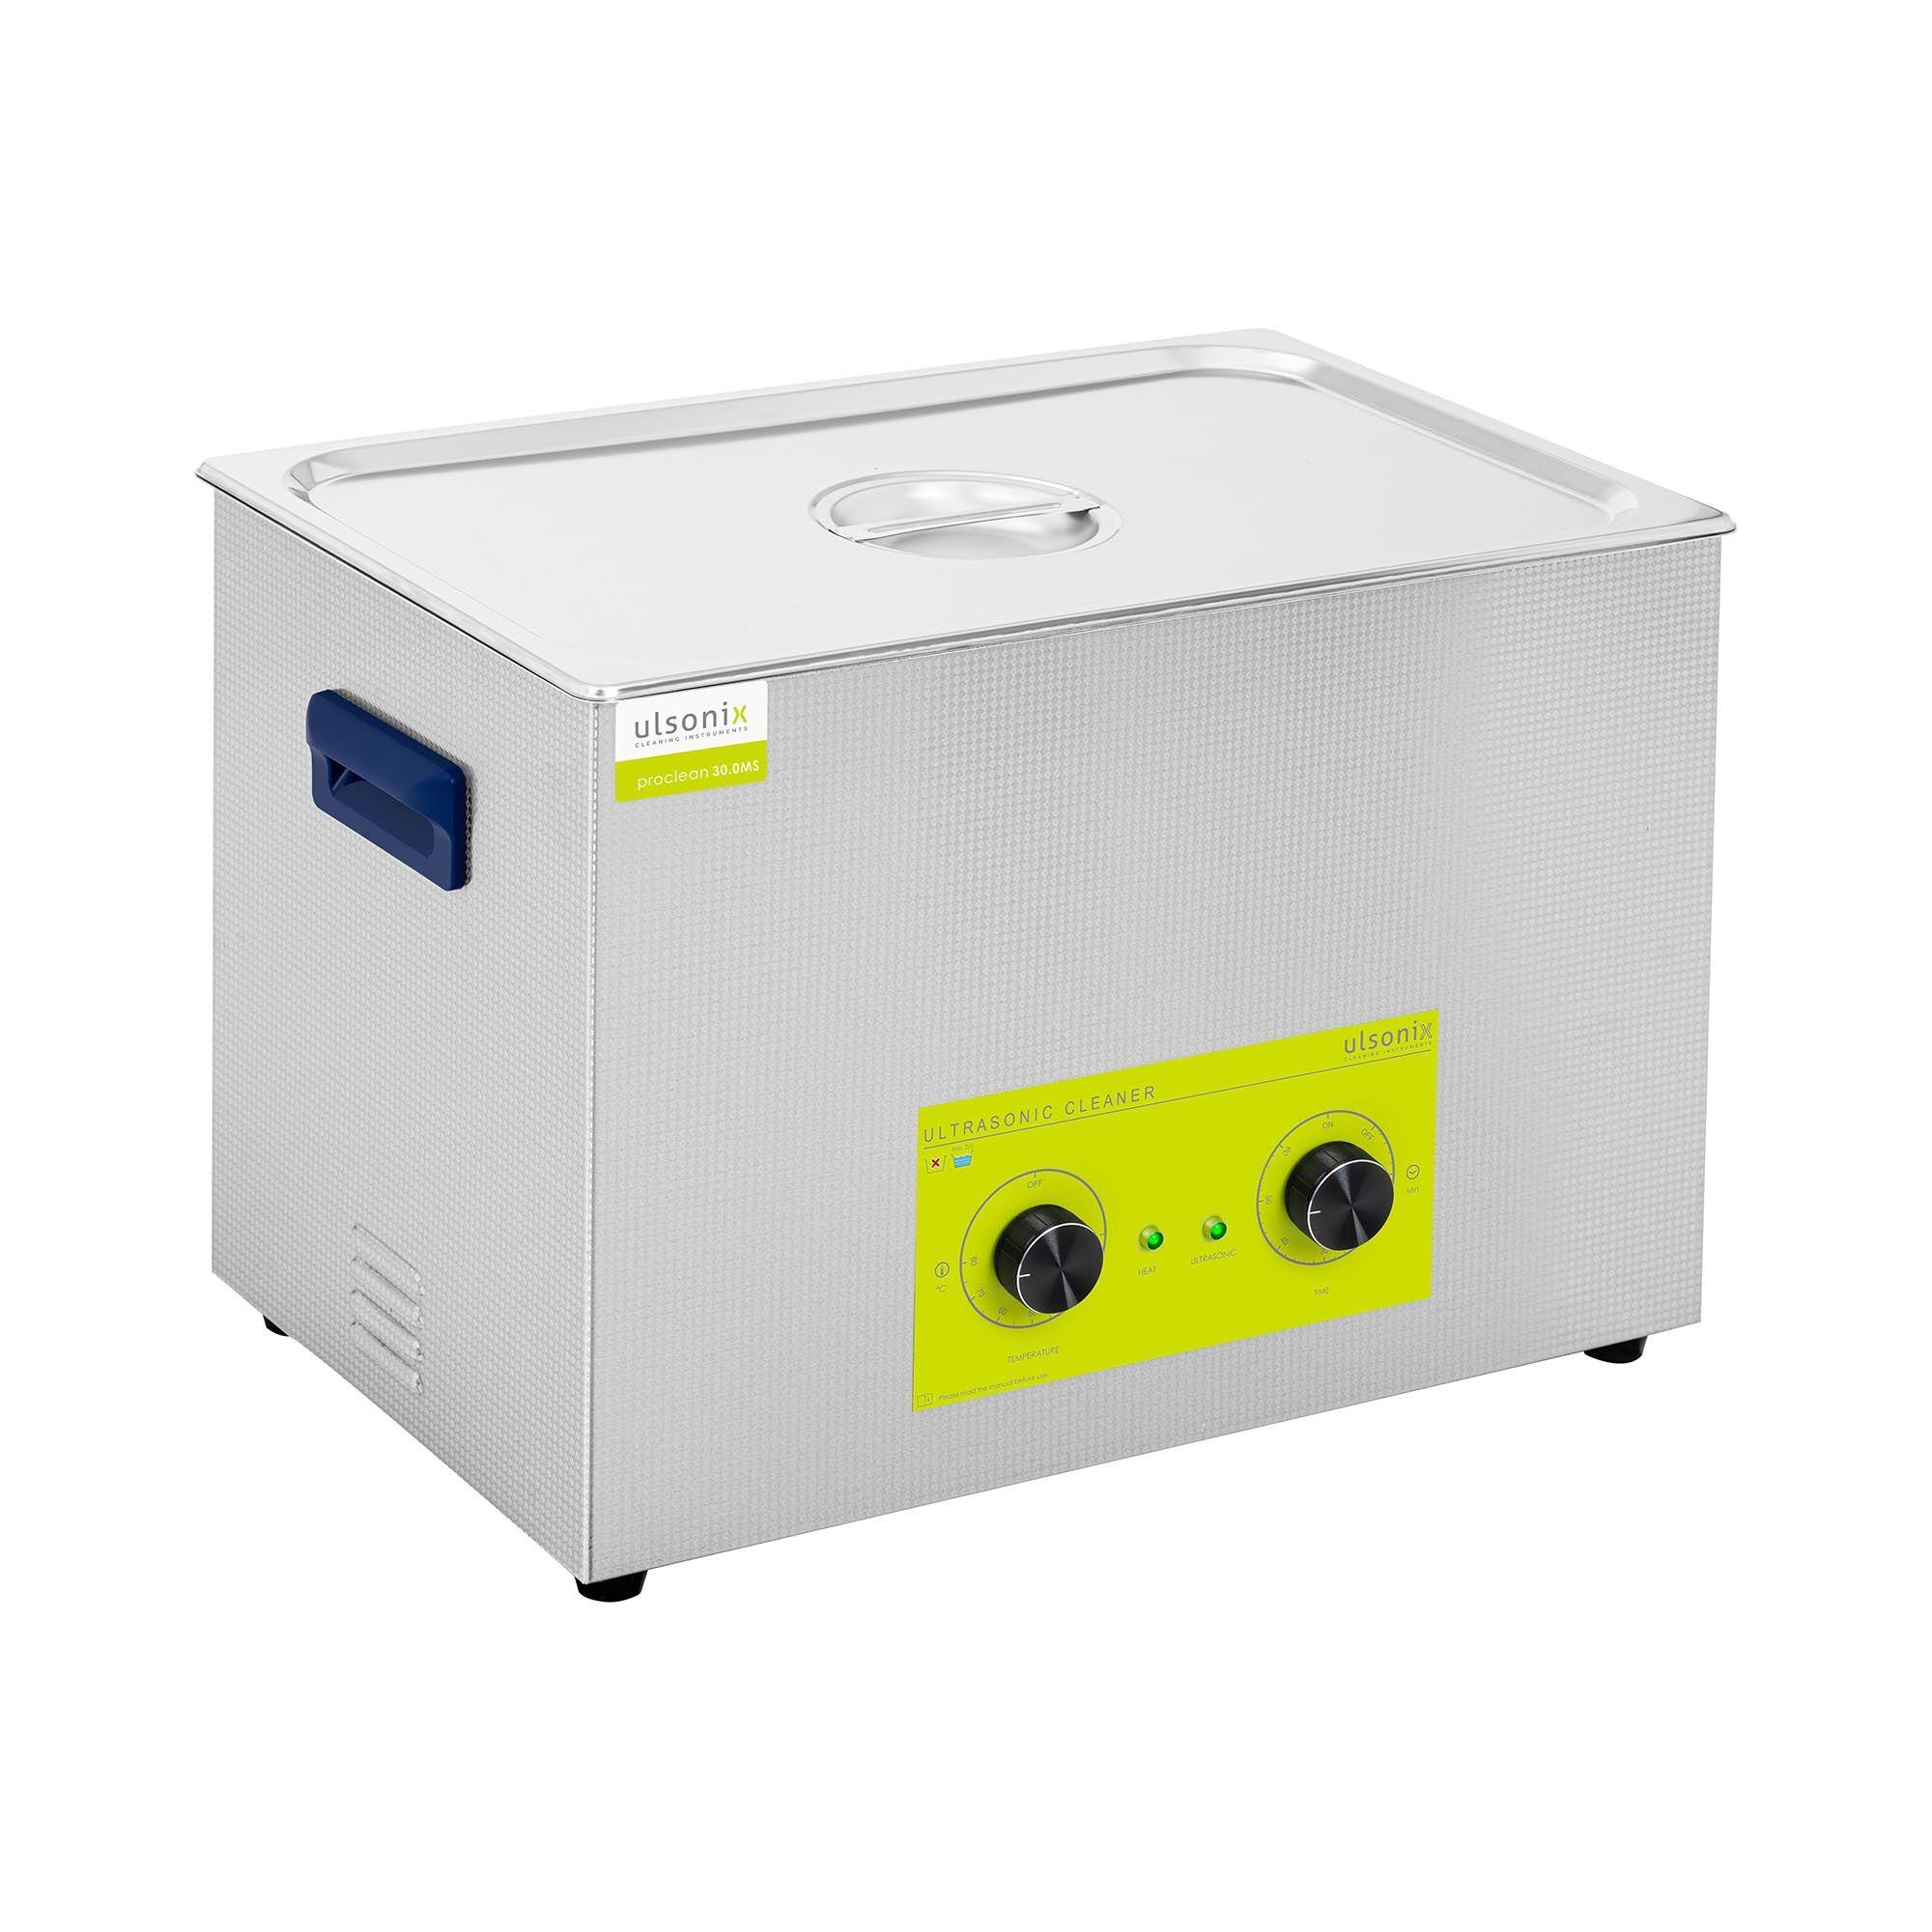 ulsonix Lavatrice a ultrasuoni - 30 litri - 600 W PROCLEAN 30.0MS